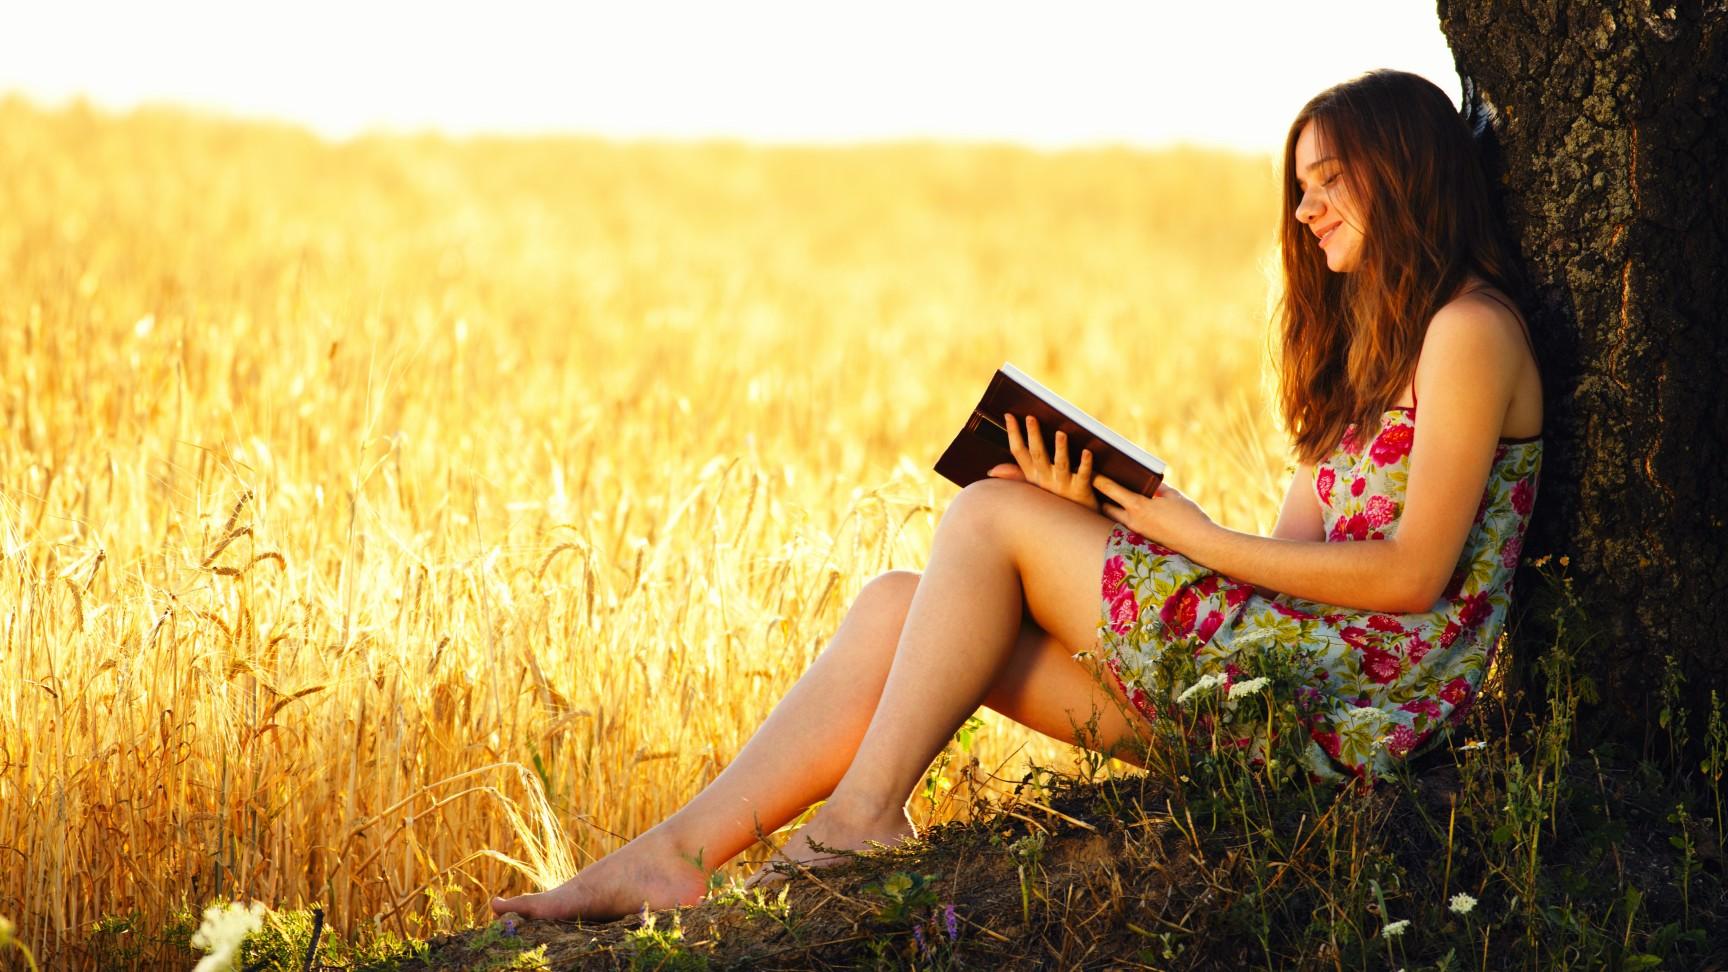 Фото на тему: Что почитать для саморазвития?